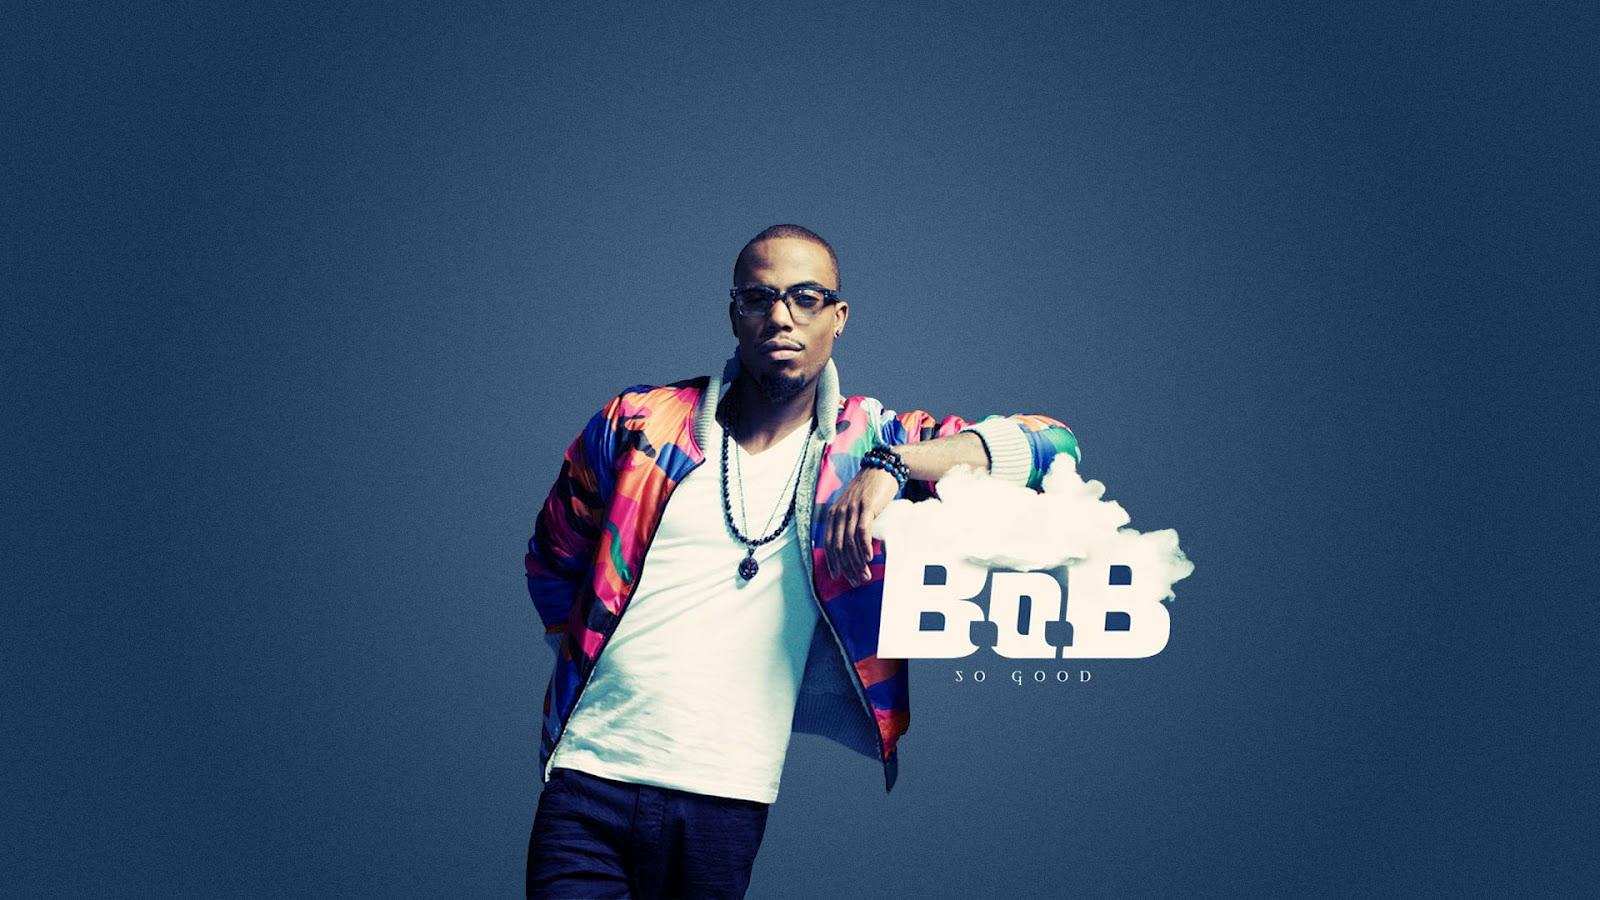 http://4.bp.blogspot.com/-Dj04wtG6JhI/T3d-cWyEfZI/AAAAAAAADAc/1q8B1_r1kuA/s1600/b.o.b_rapper+-+hip+hop+wallpaper.jpg